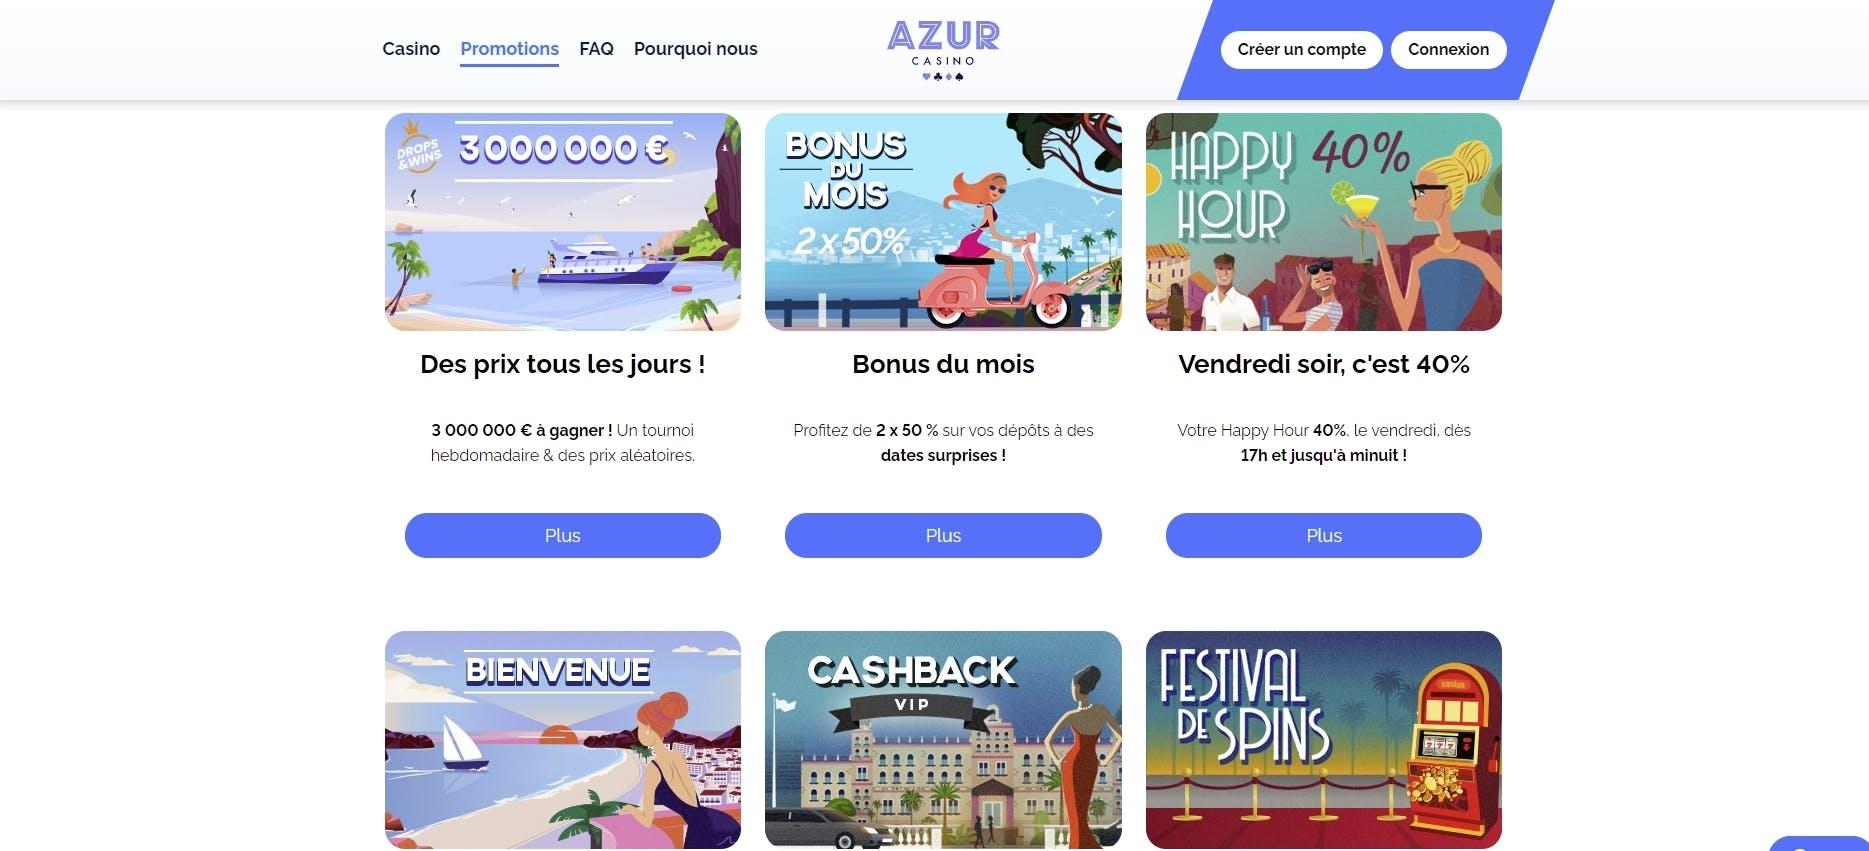 azur casino bonus